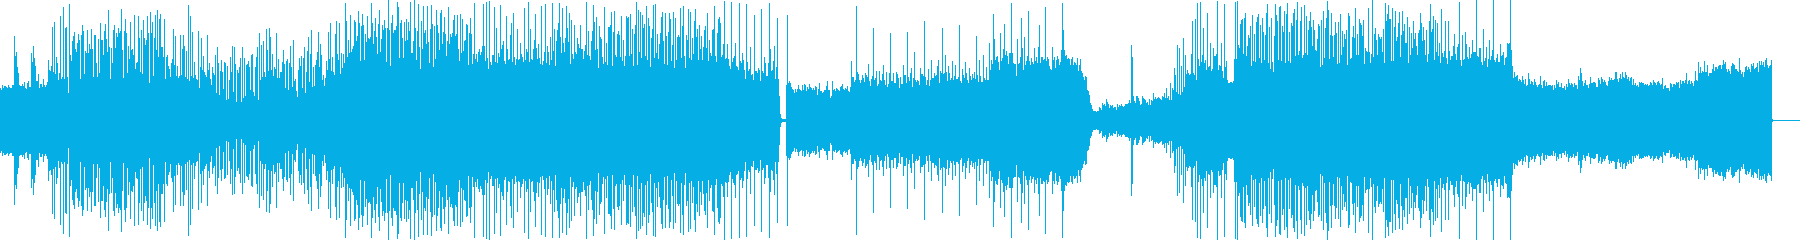 コード感を意識したメロディアスなインストの再生済みの波形